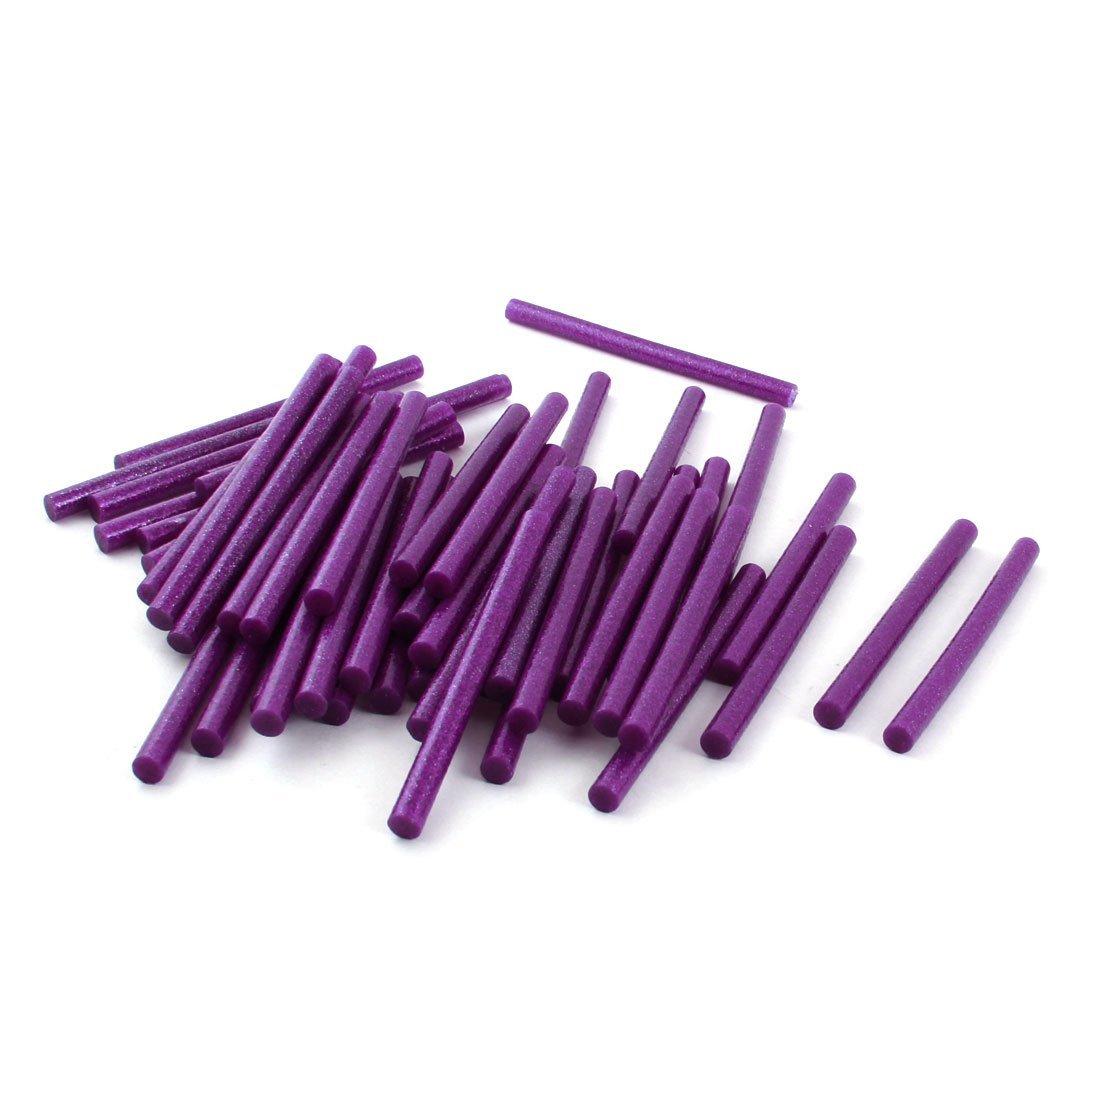 50 Pcs Violet Hot Glitter électrique Melt Glue adhésif bâton 0,28 'x 4'